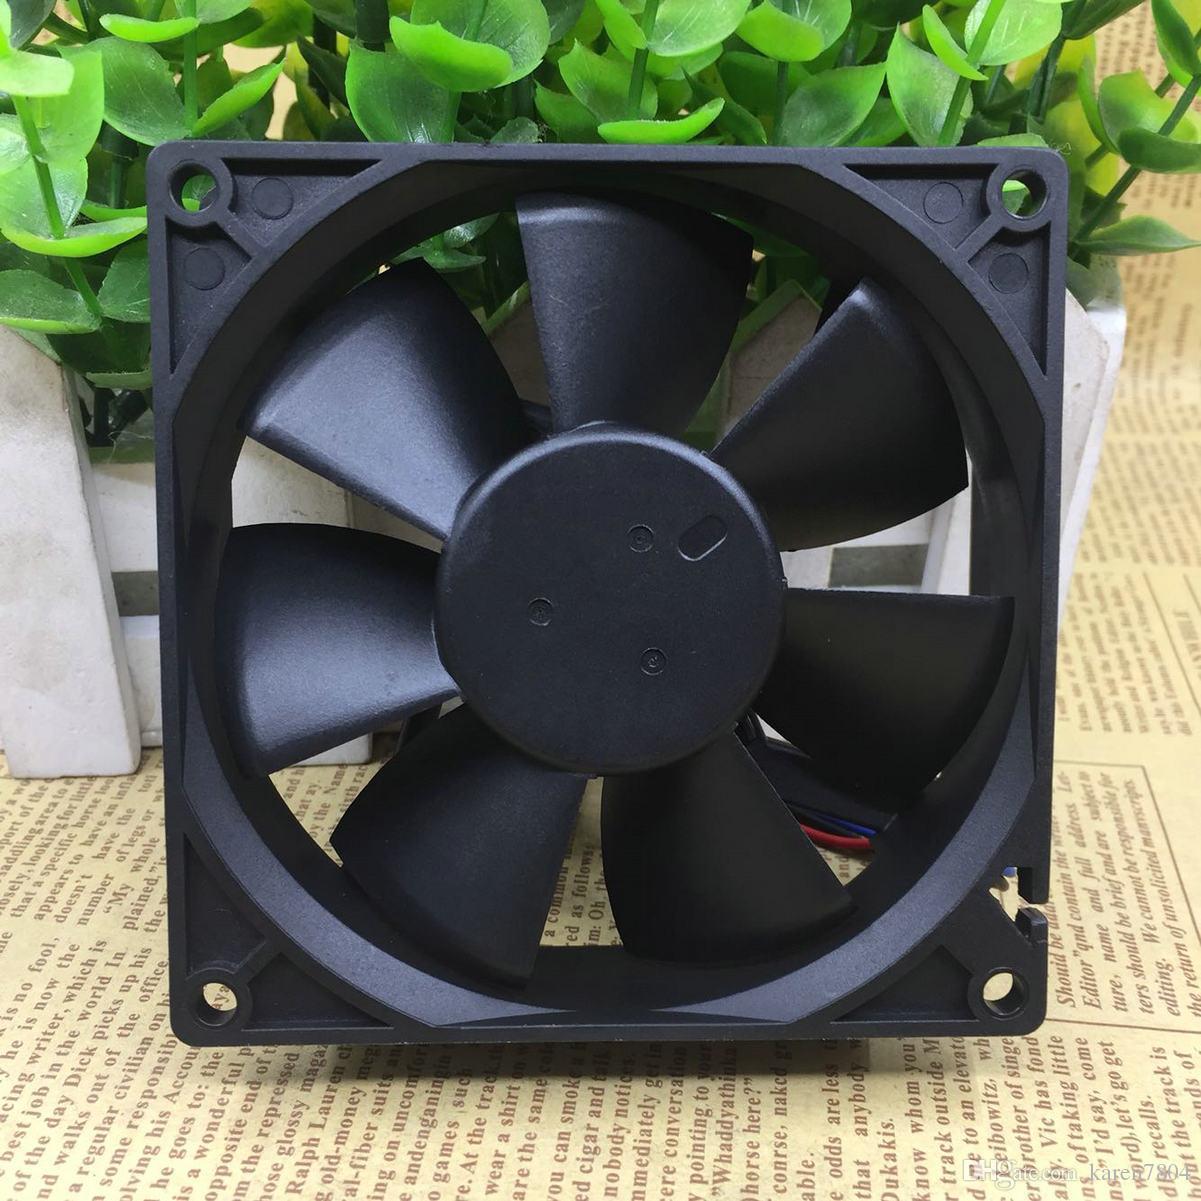 Ursprünglicher DELTA 92 * 92 * 25MM 9cm 24V 0.4A AFB0924VH Inverter-Kühlerlüfter